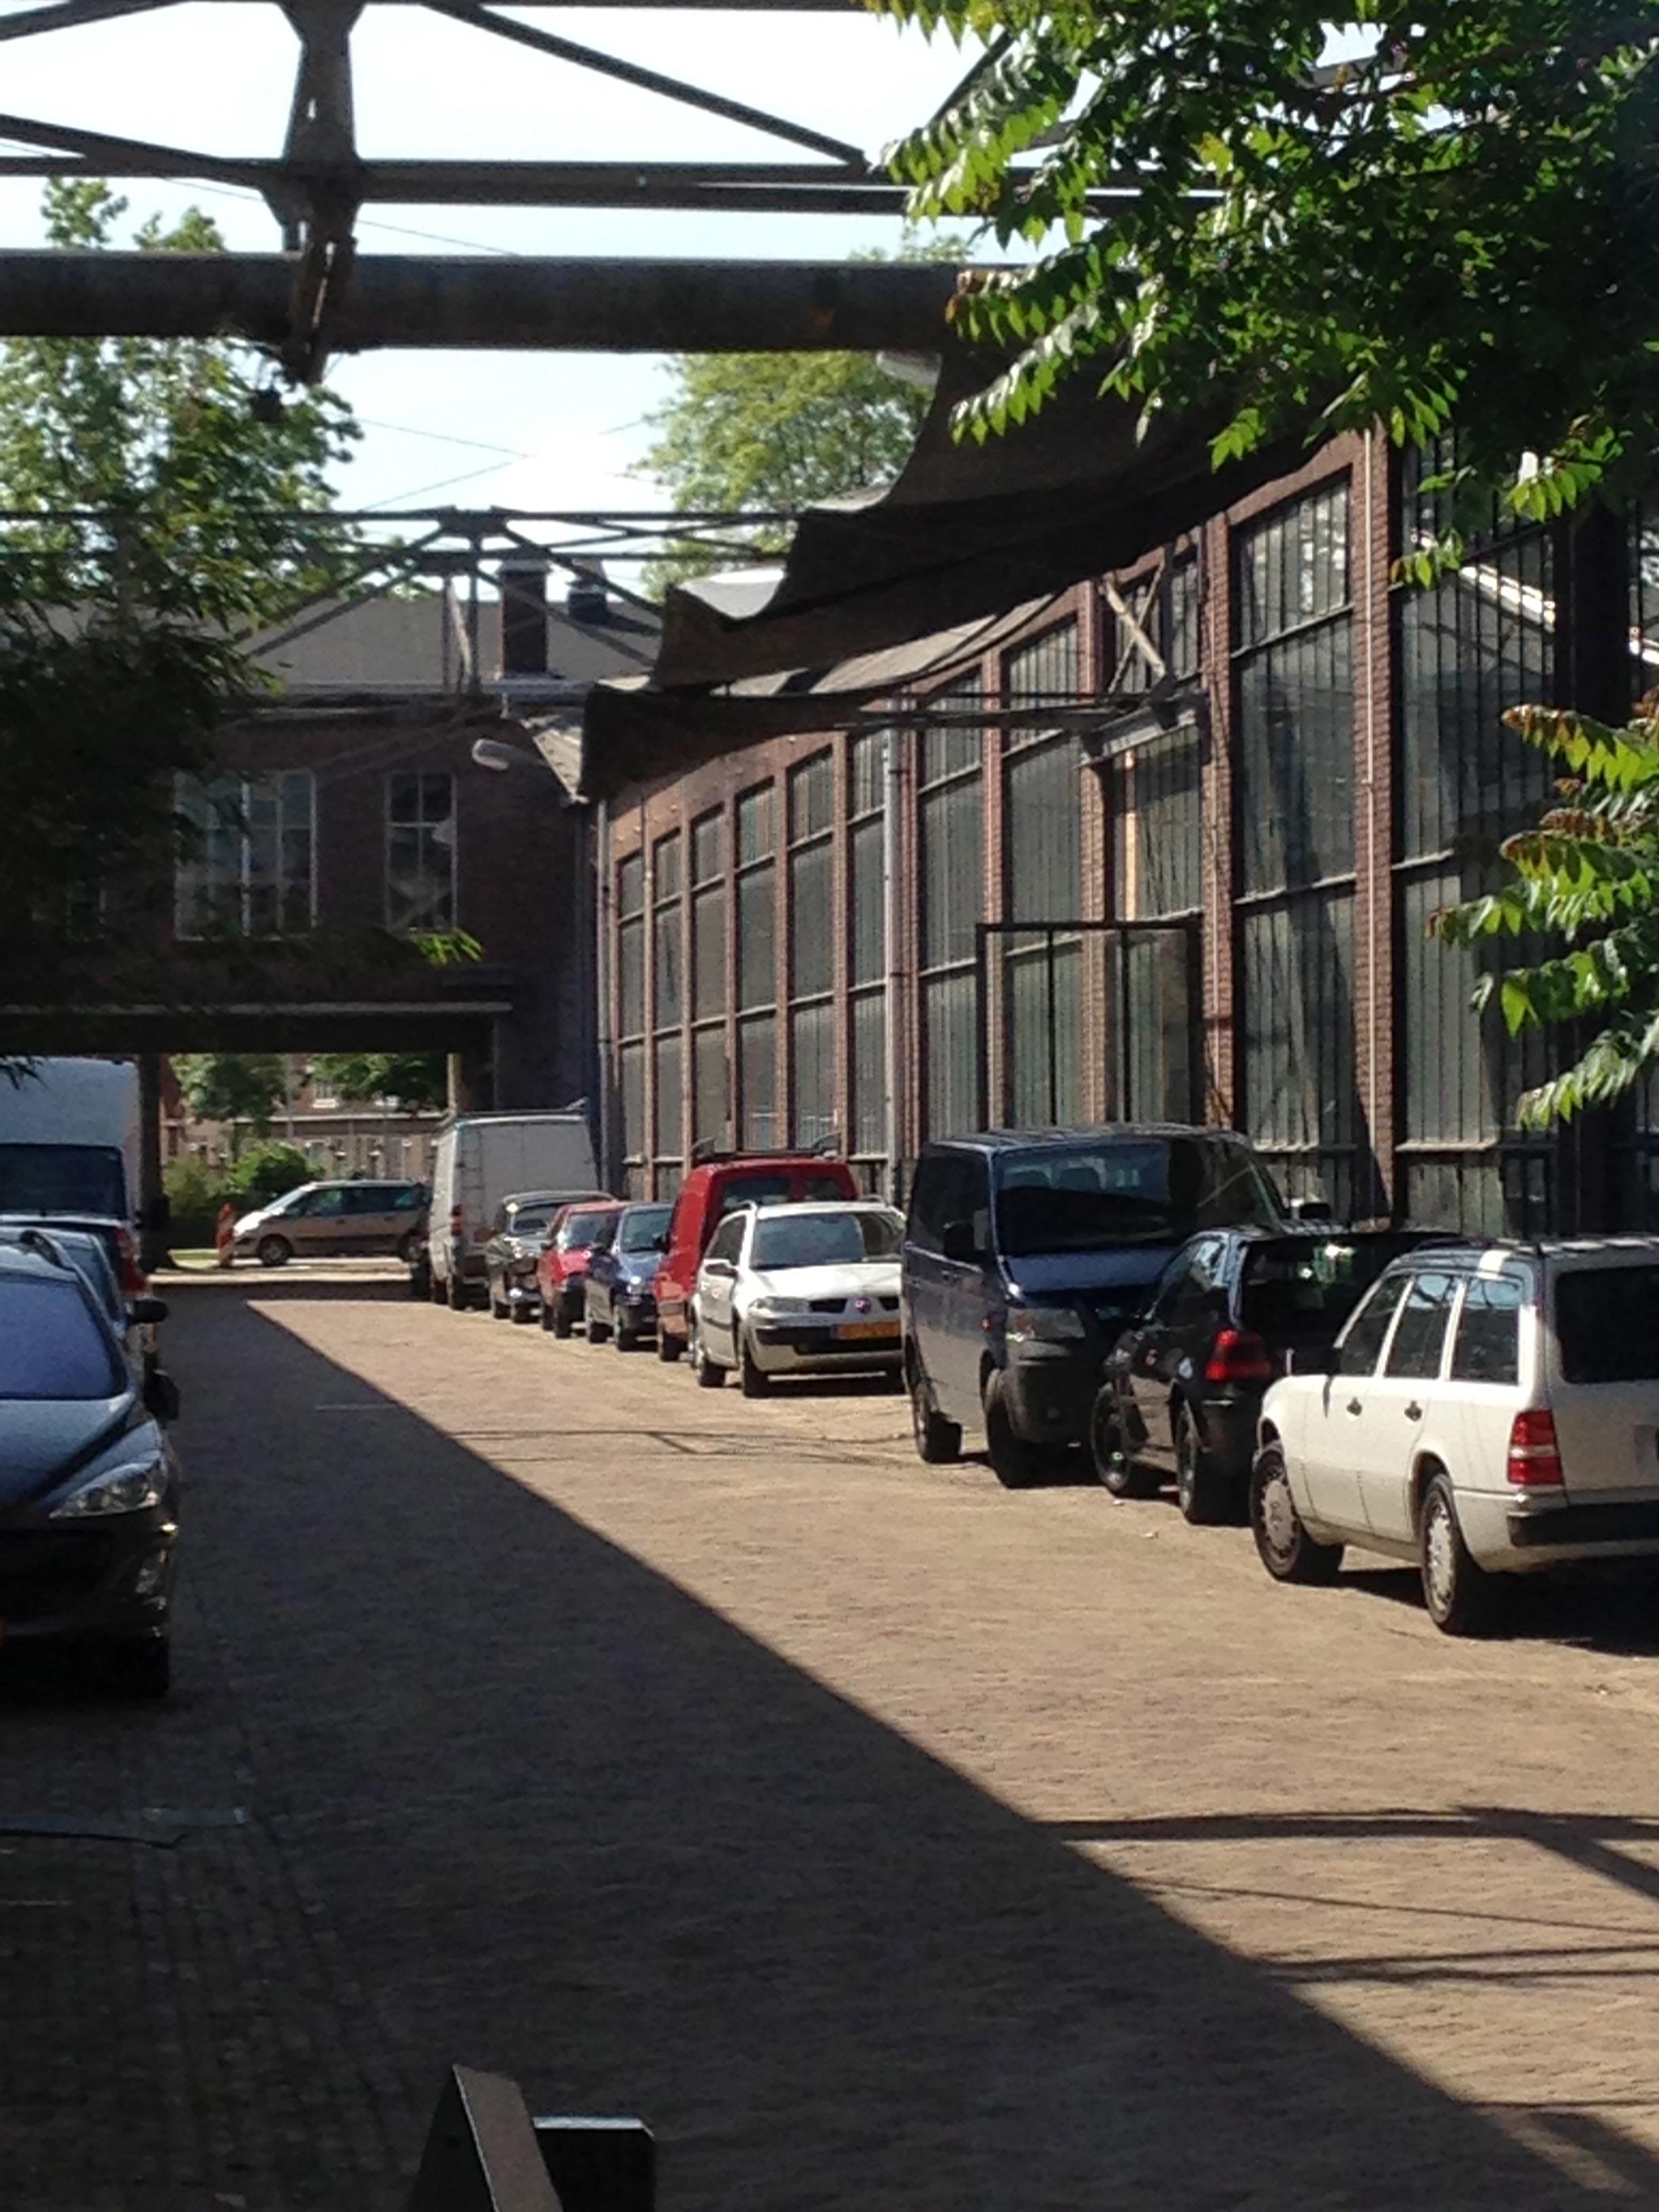 Een klein stukje van het terrein - Piet Hein Eek